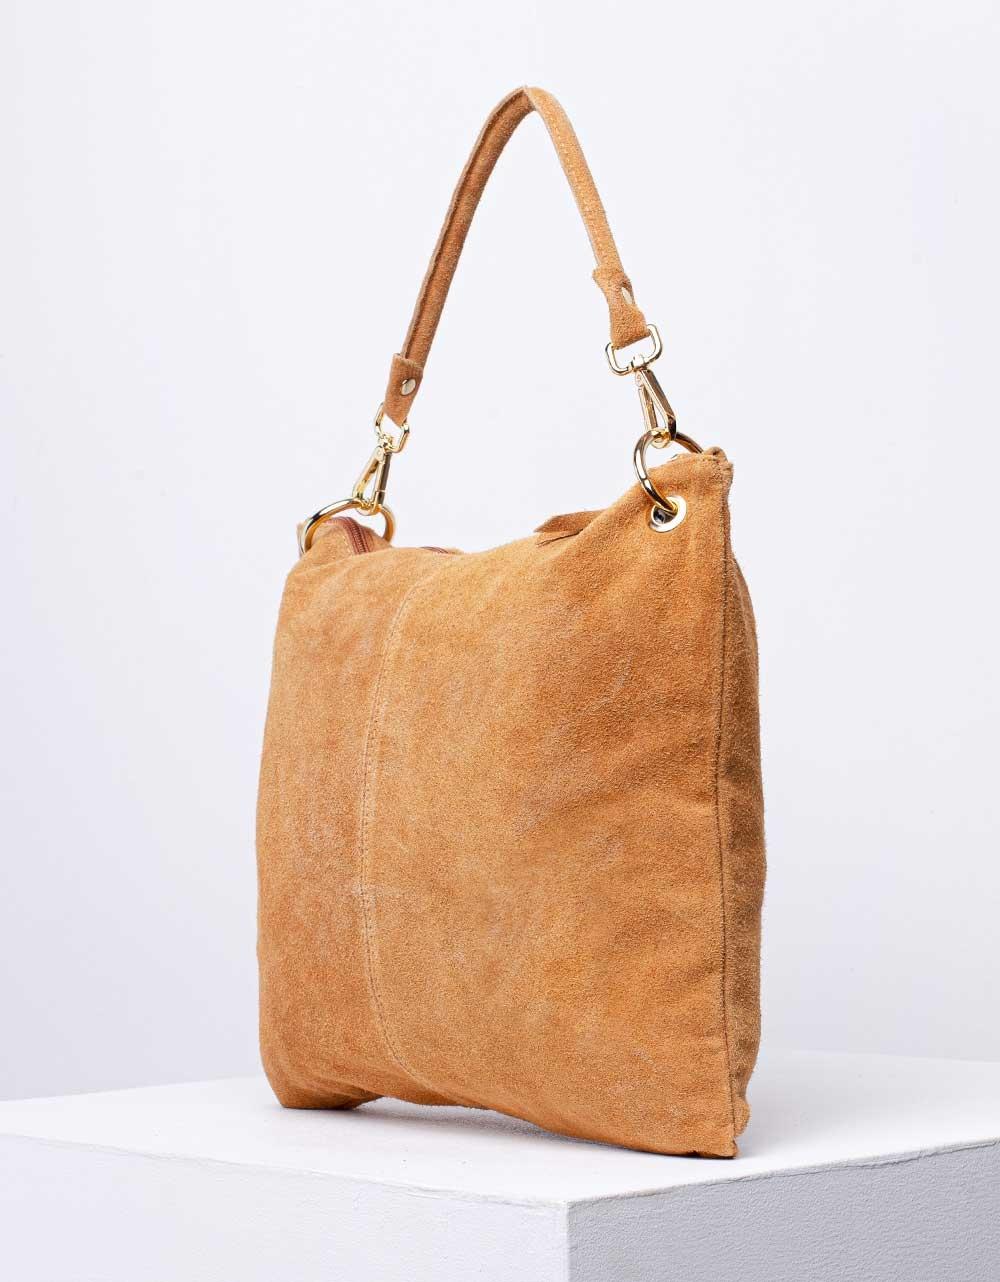 Εικόνα από Γυναικεία τσάντα χειρός από γνήσιο δέρμα με εξωτερικό τσεπάκι Κάμελ